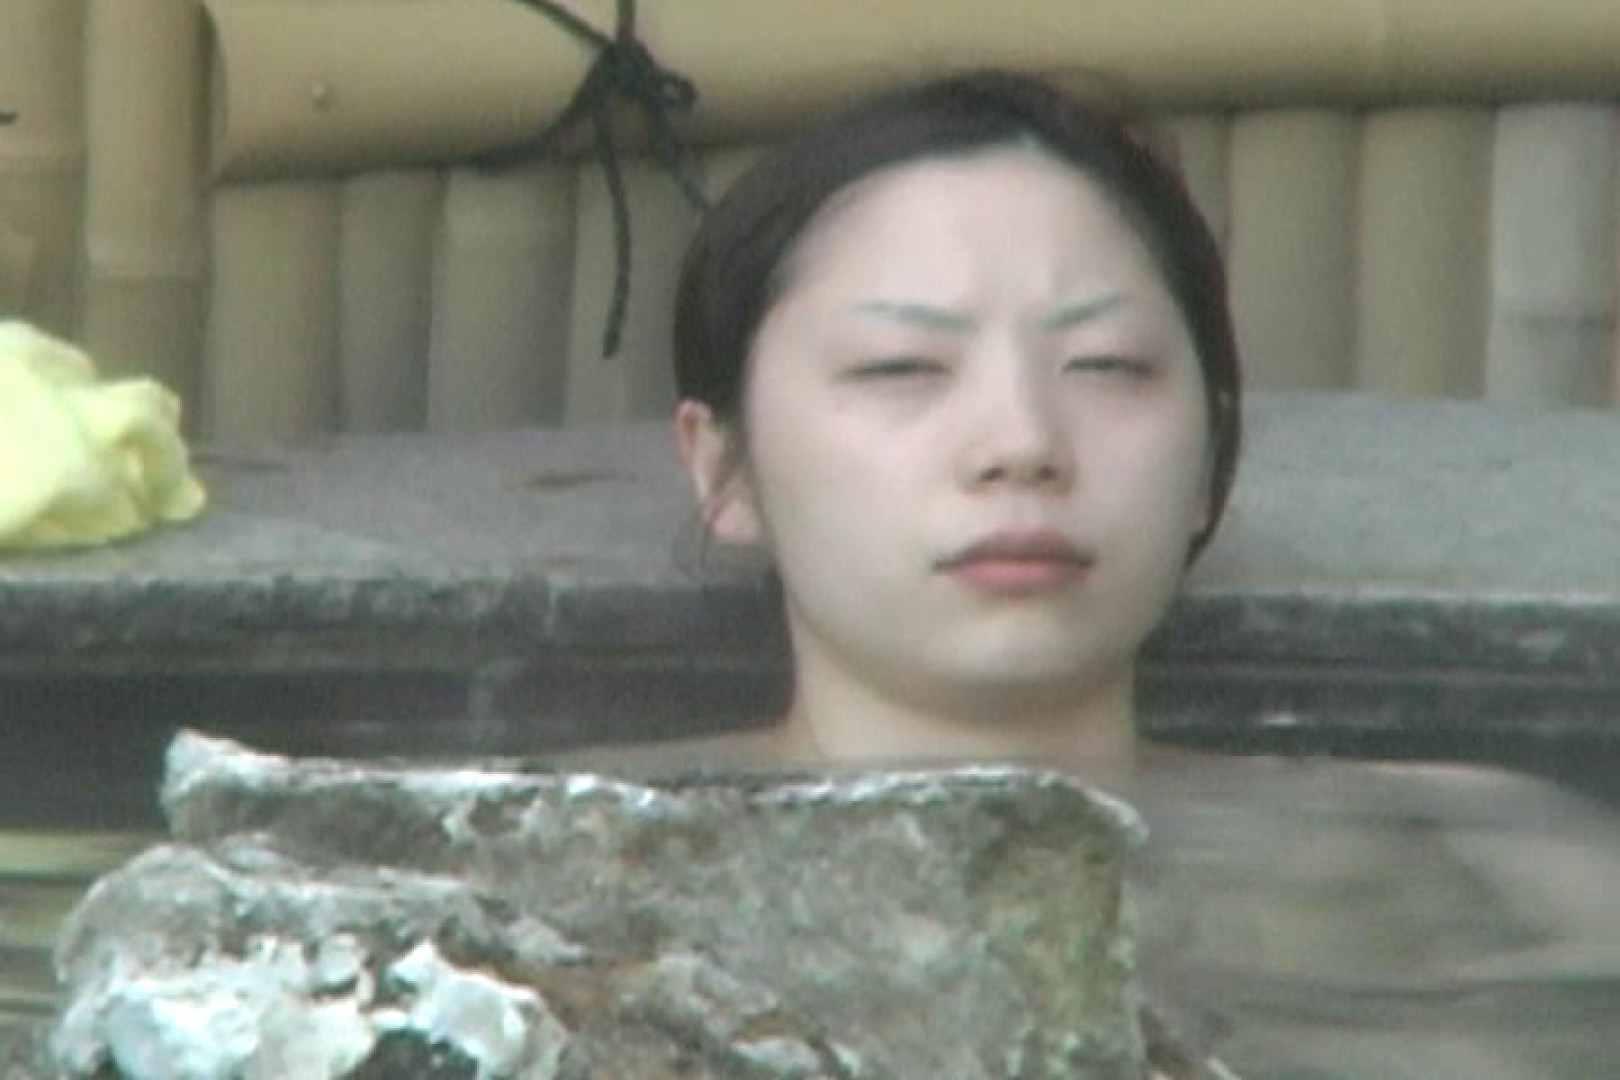 Aquaな露天風呂Vol.596 盗撮シリーズ  113PIX 64